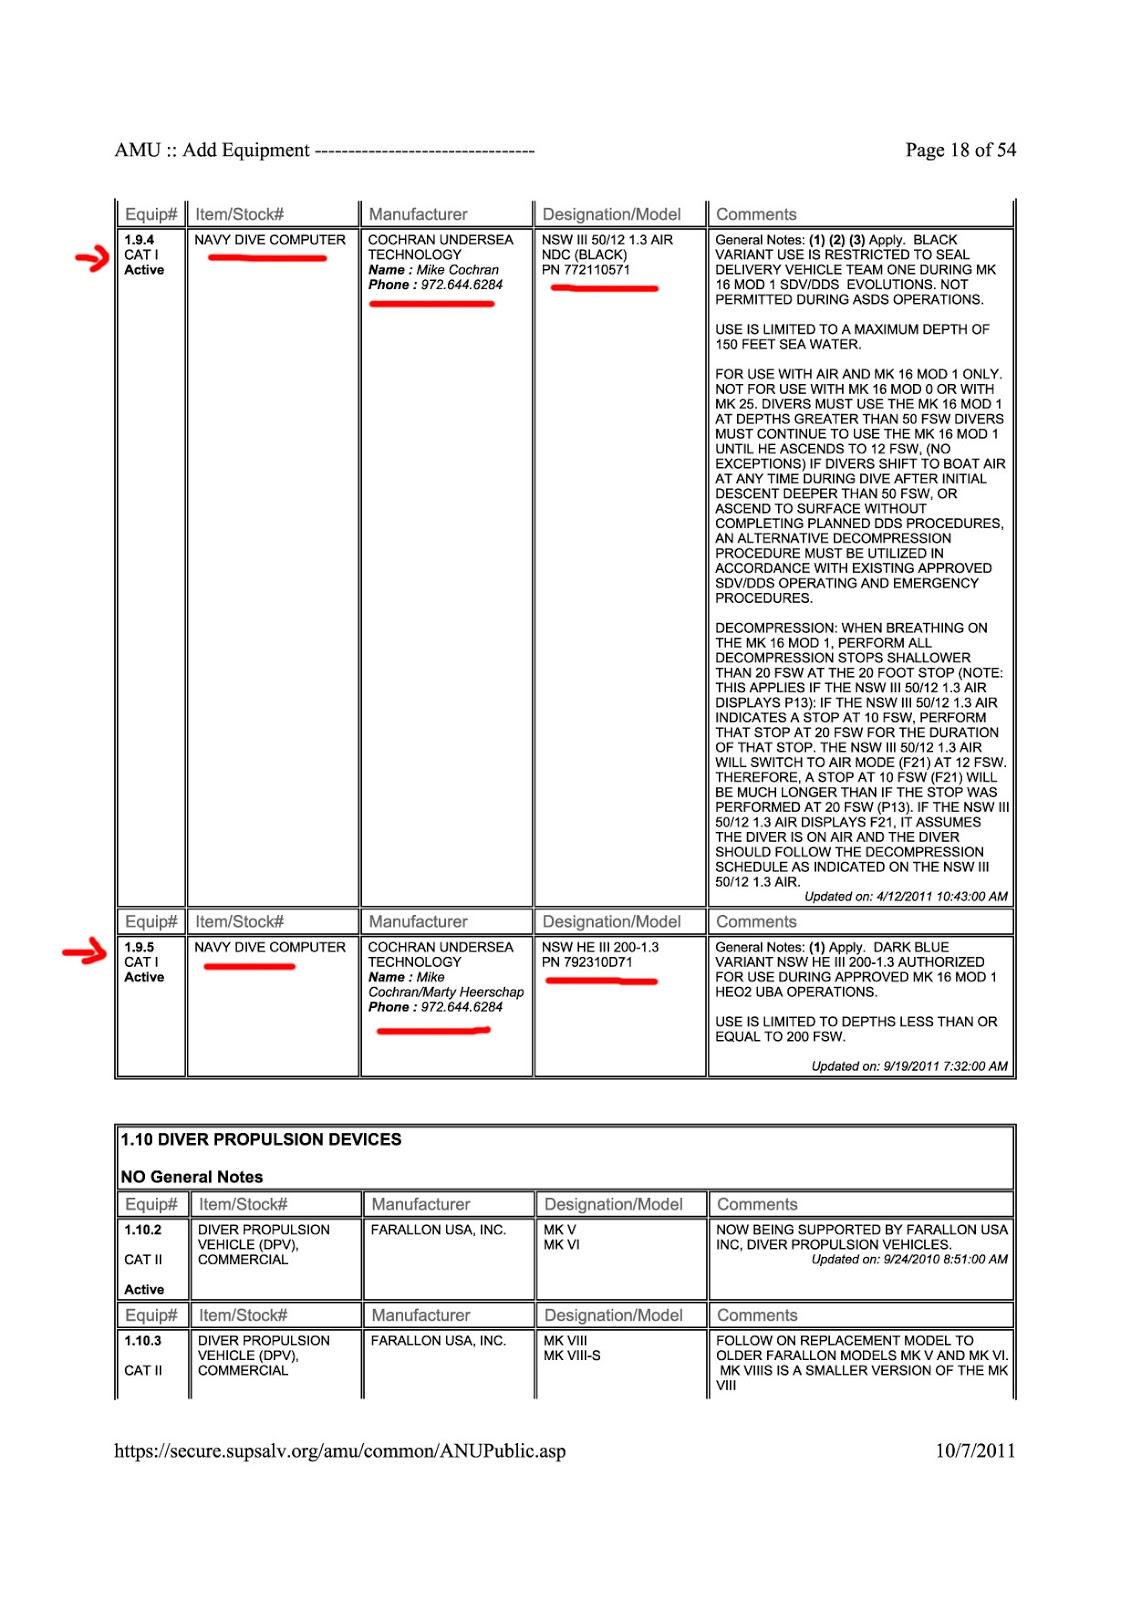 AMU List - Elenco prodotti NATO Stock